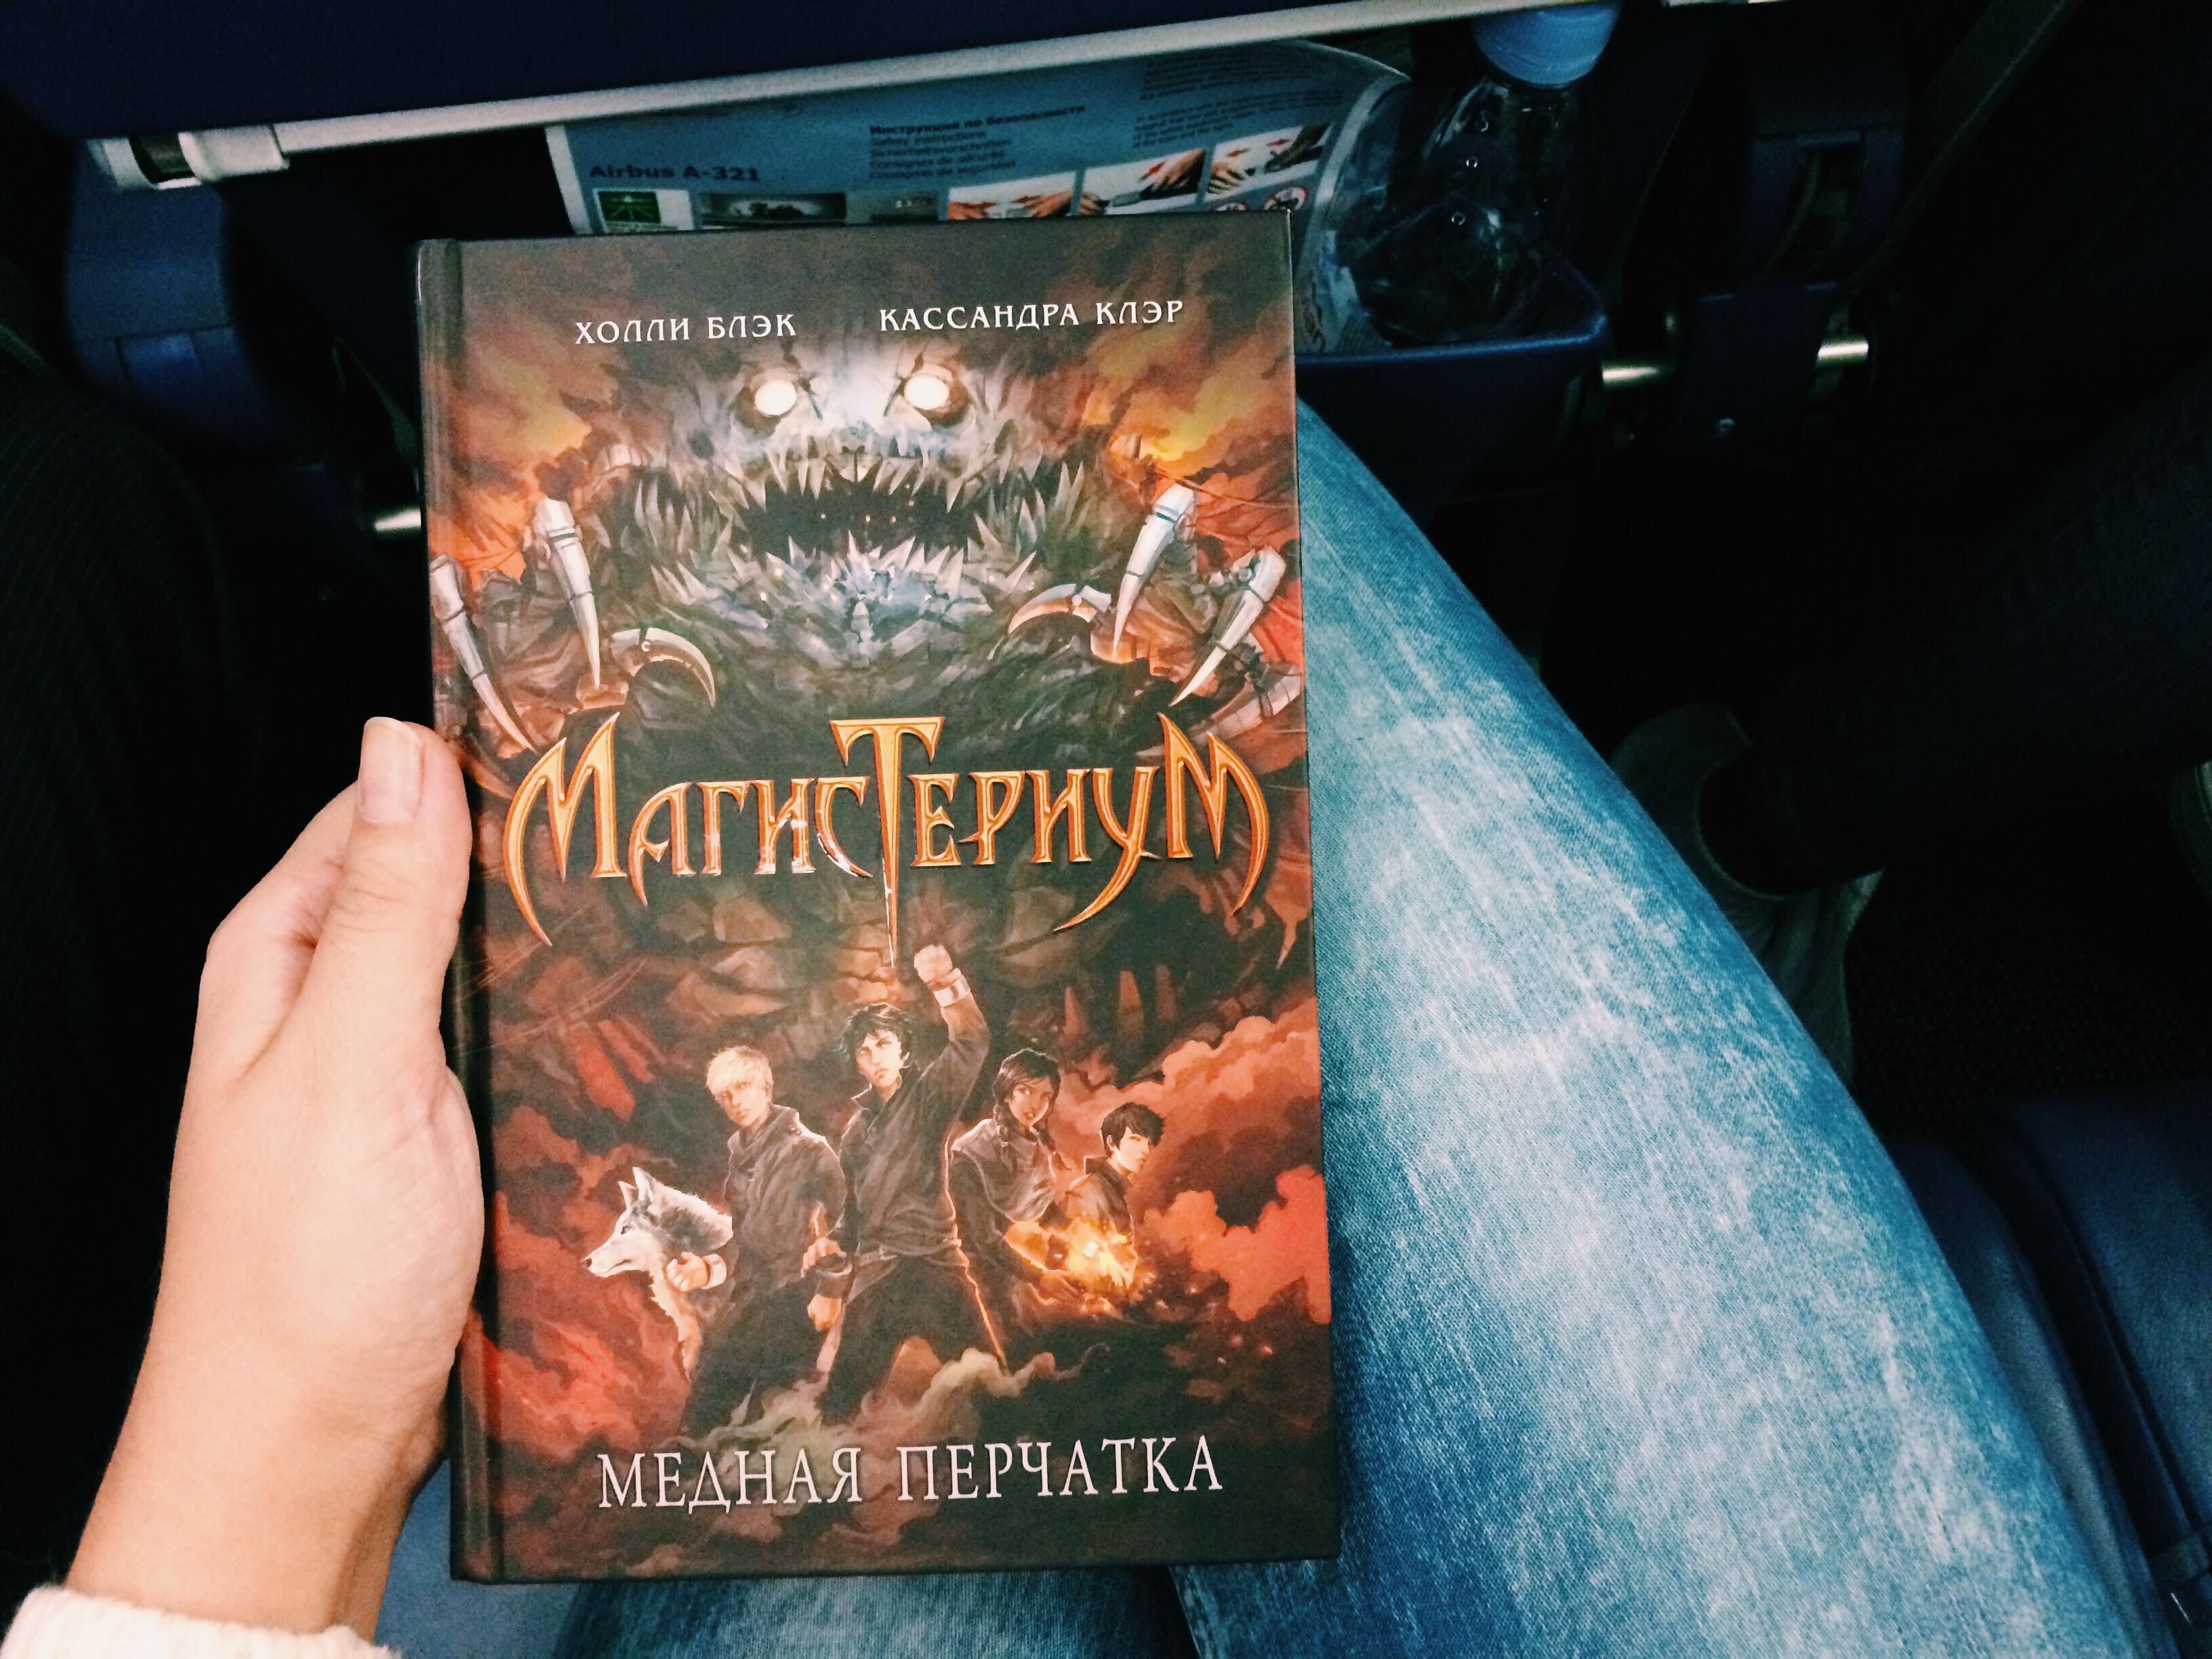 Учебник по английскому языку 3 год обучения афанасьева михеева читать